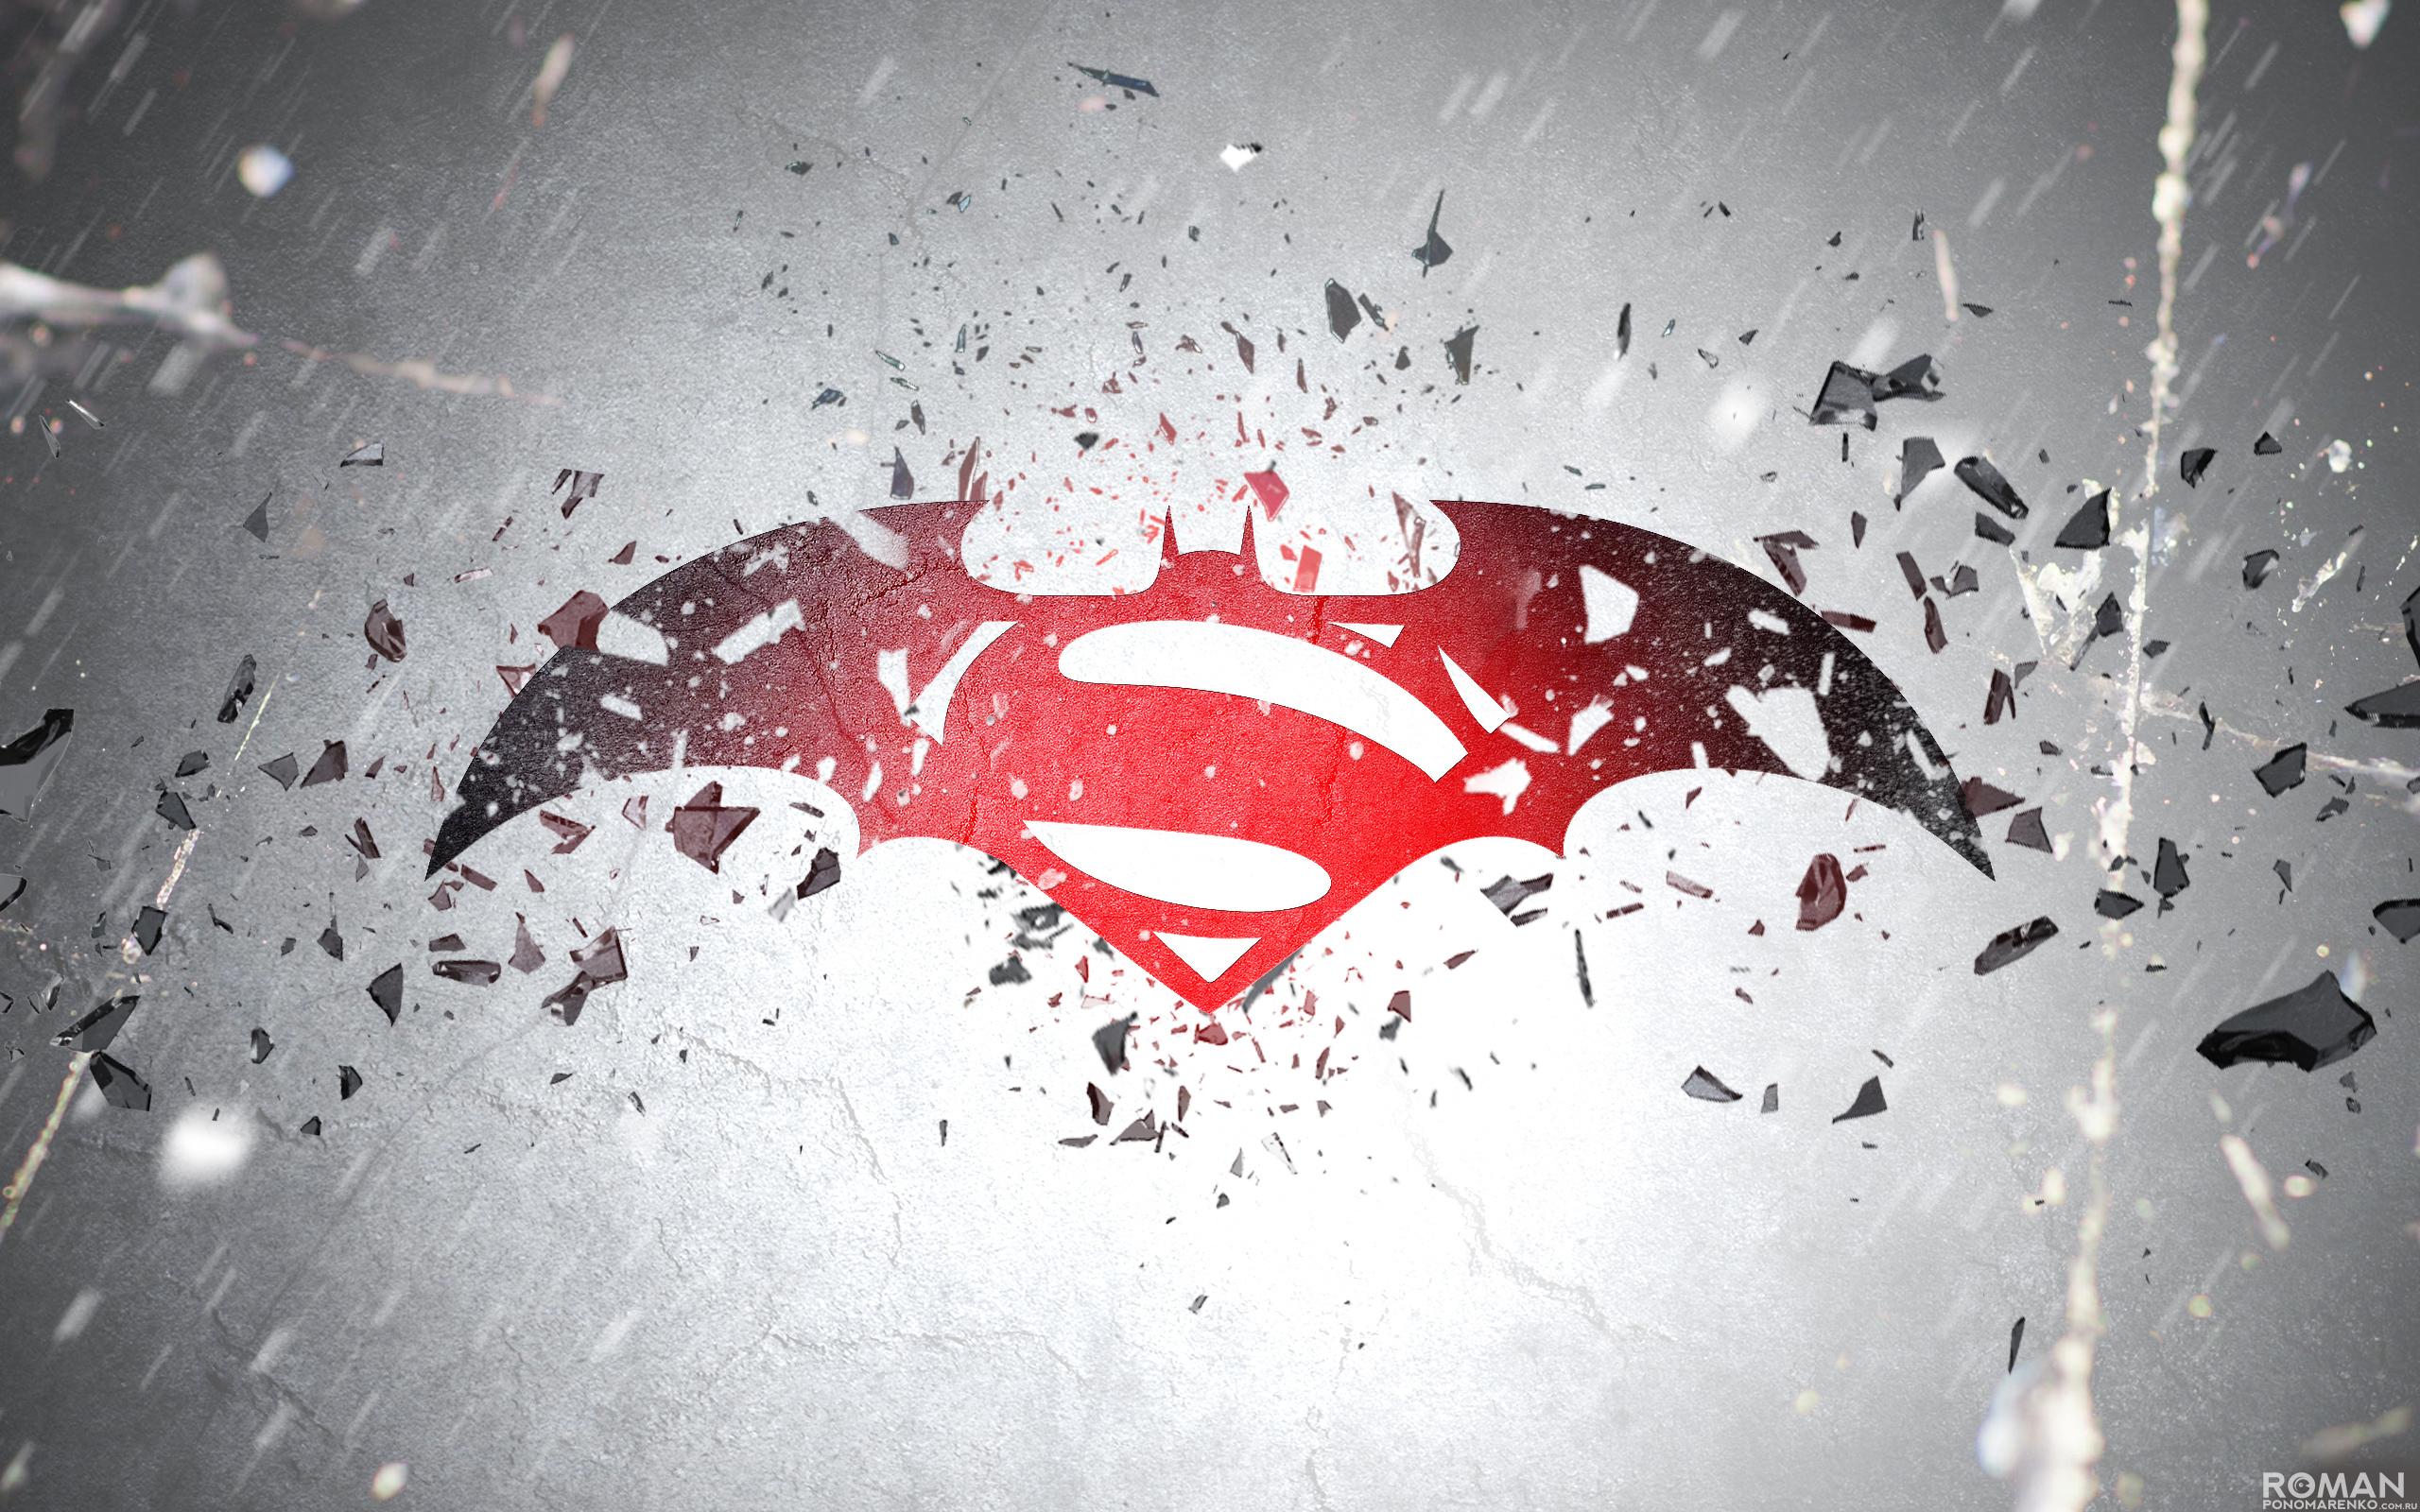 Batman Vs Superman 4k Wallpaper Wallpapersafari